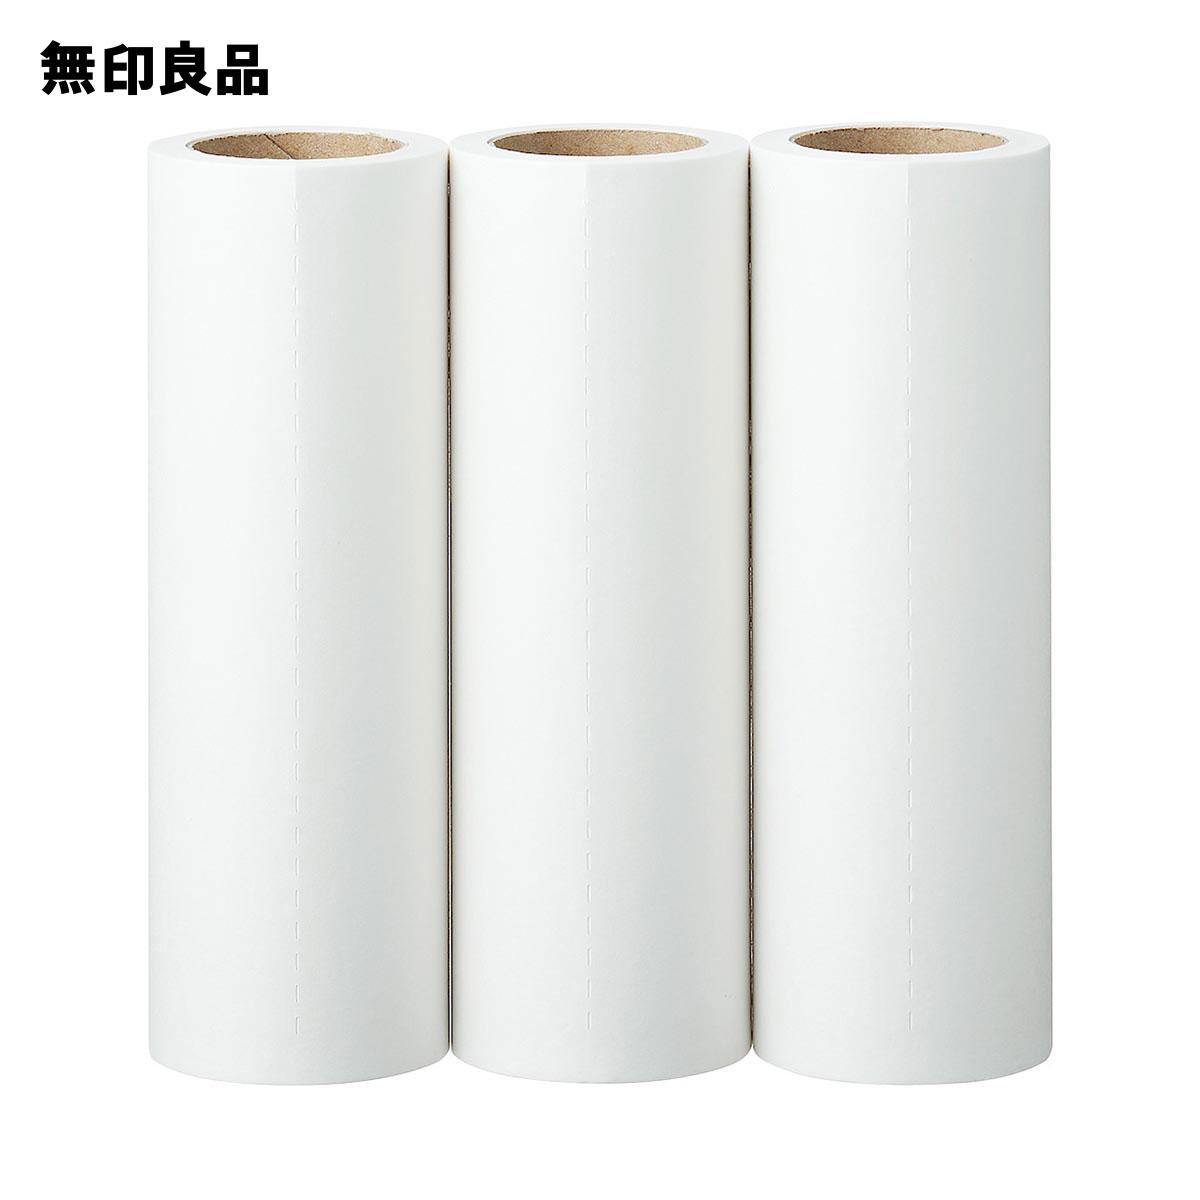 【無印良品 公式】掃除用品システム・カーペットクリーナー用替えテープ 幅16cm/90周/3本組